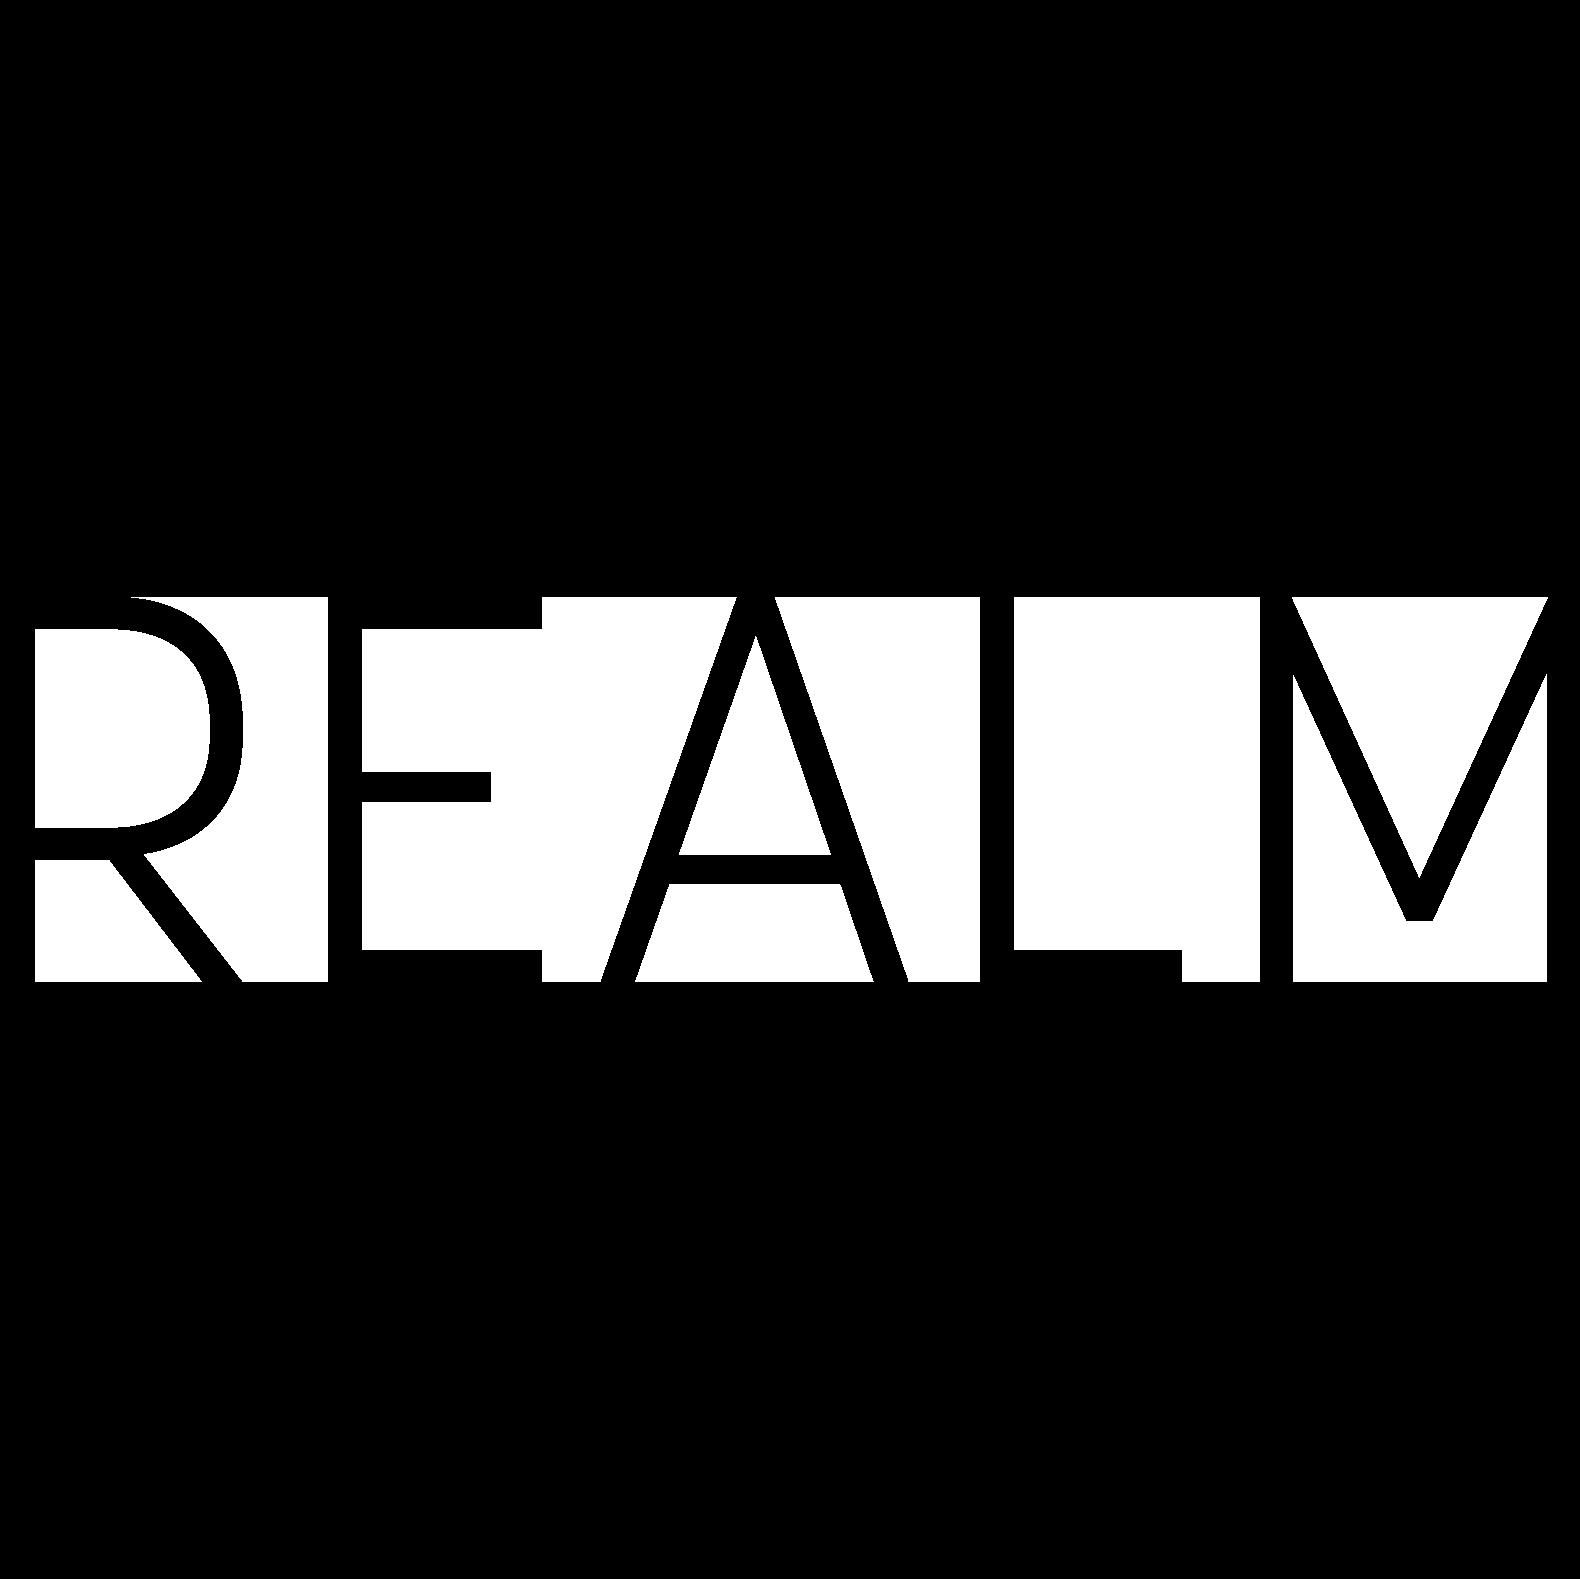 REALM_black_RGBsq.png